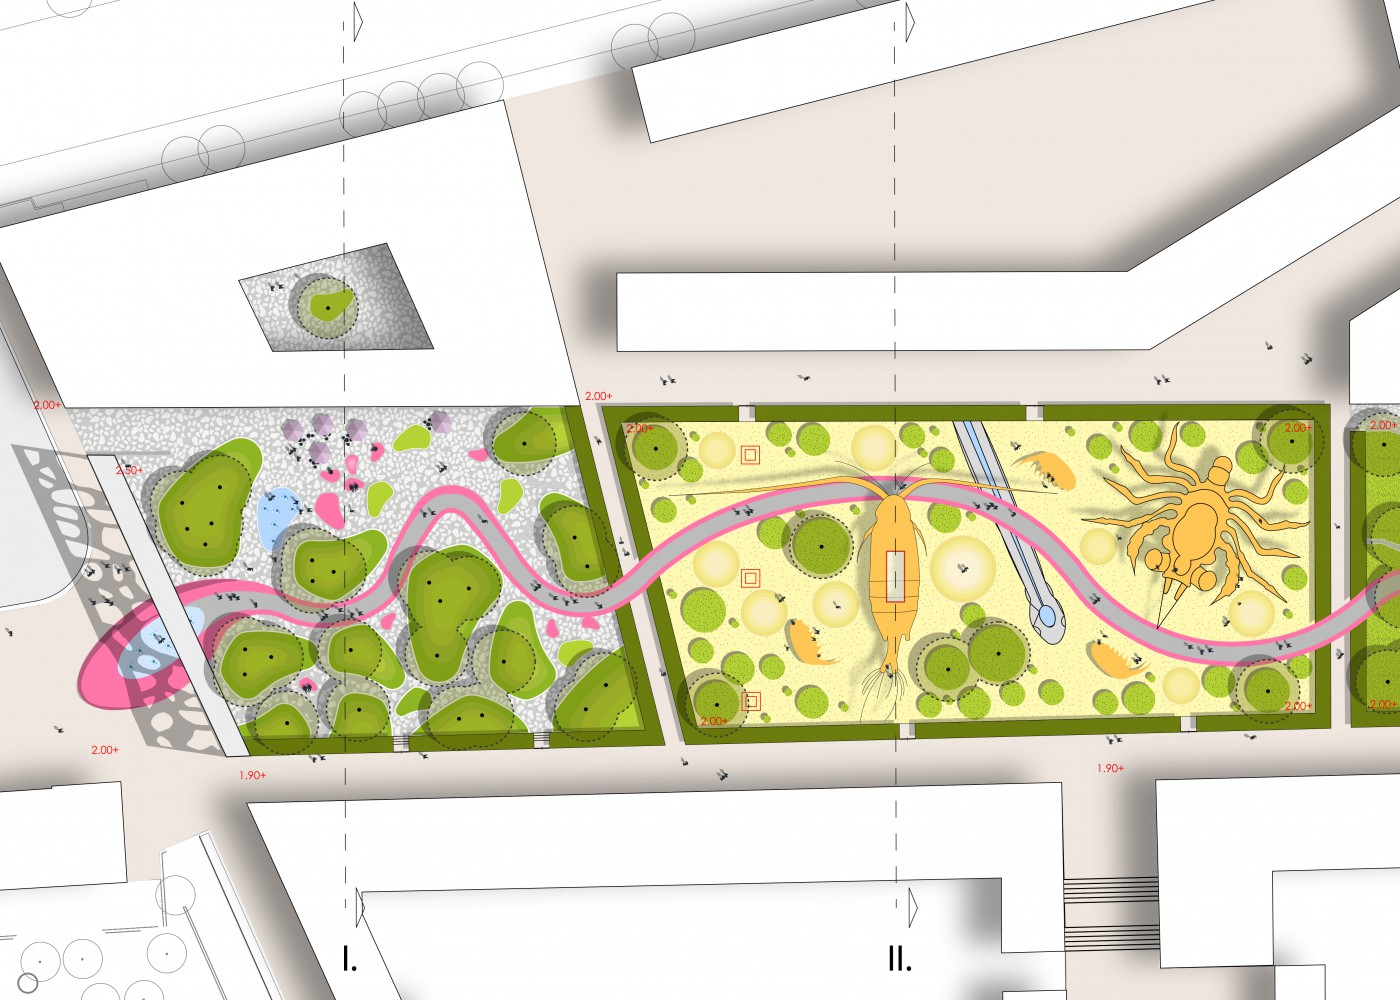 buro-sant-en-co-landschapsarchitectuur-van leeuwenhoekpark-delft-stadspark-dakpark-klimaatadaptief-ecologie-ontwerp-plantekening-2